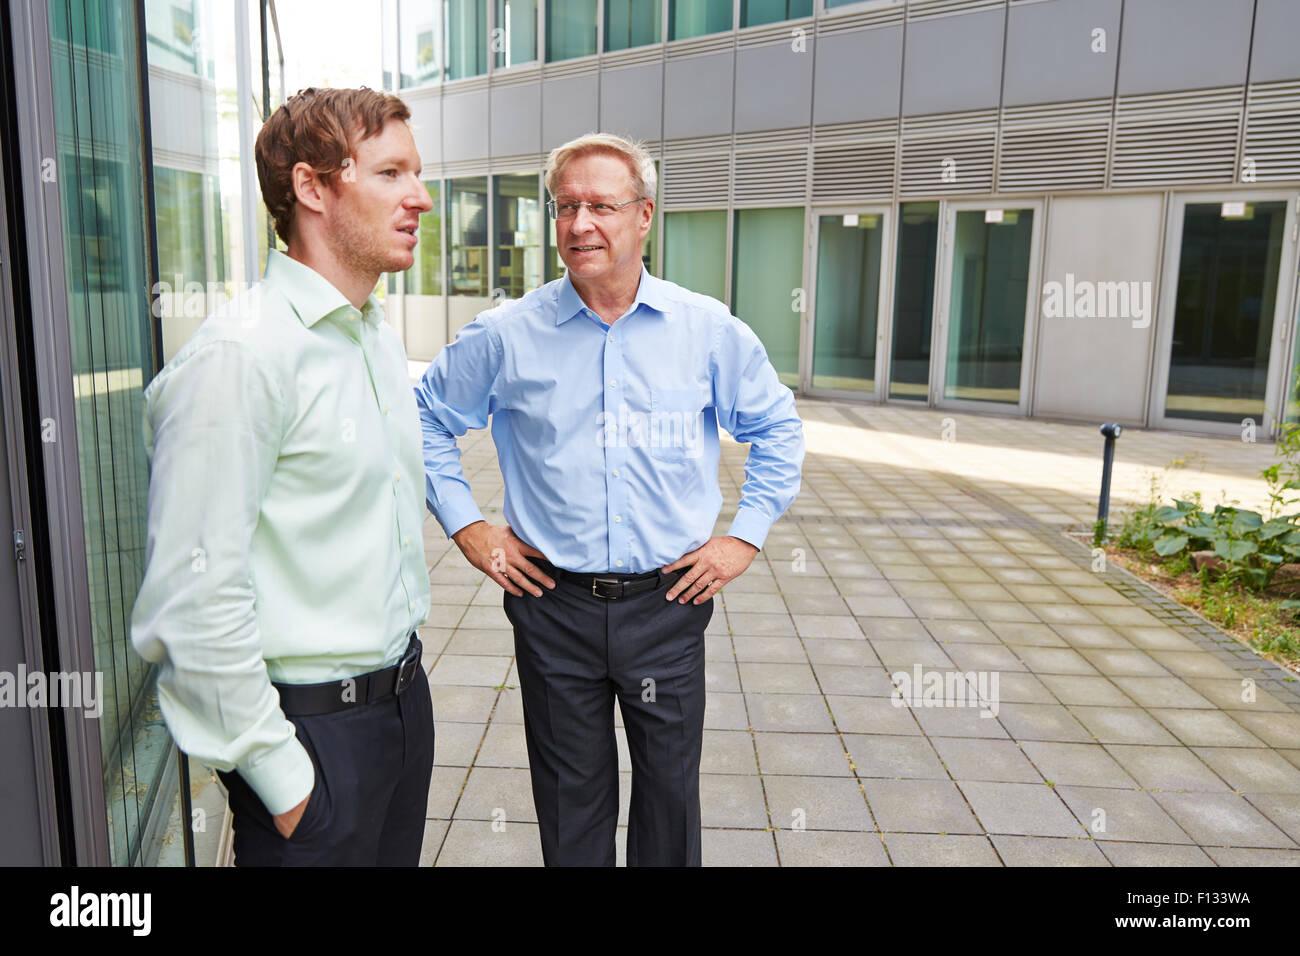 Gli uomini d' affari di parlarsi durante la pausa pranzo al di fuori dell'ufficio Immagini Stock